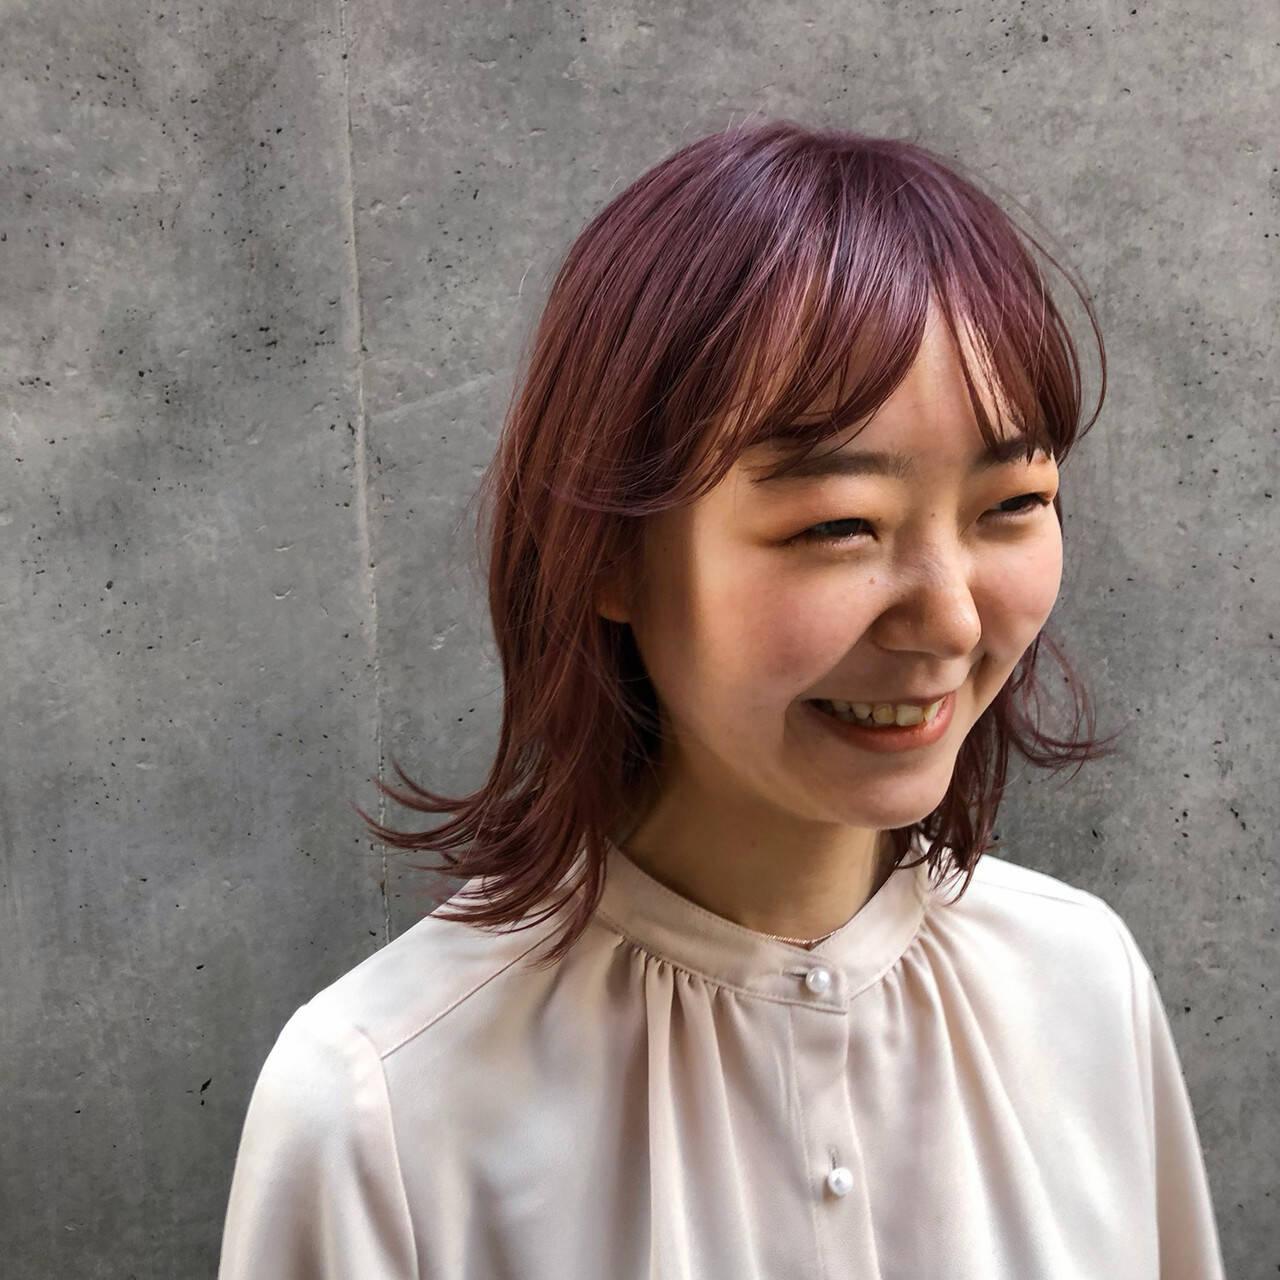 ミディアム ピンクベージュ ガーリー インナーカラーヘアスタイルや髪型の写真・画像